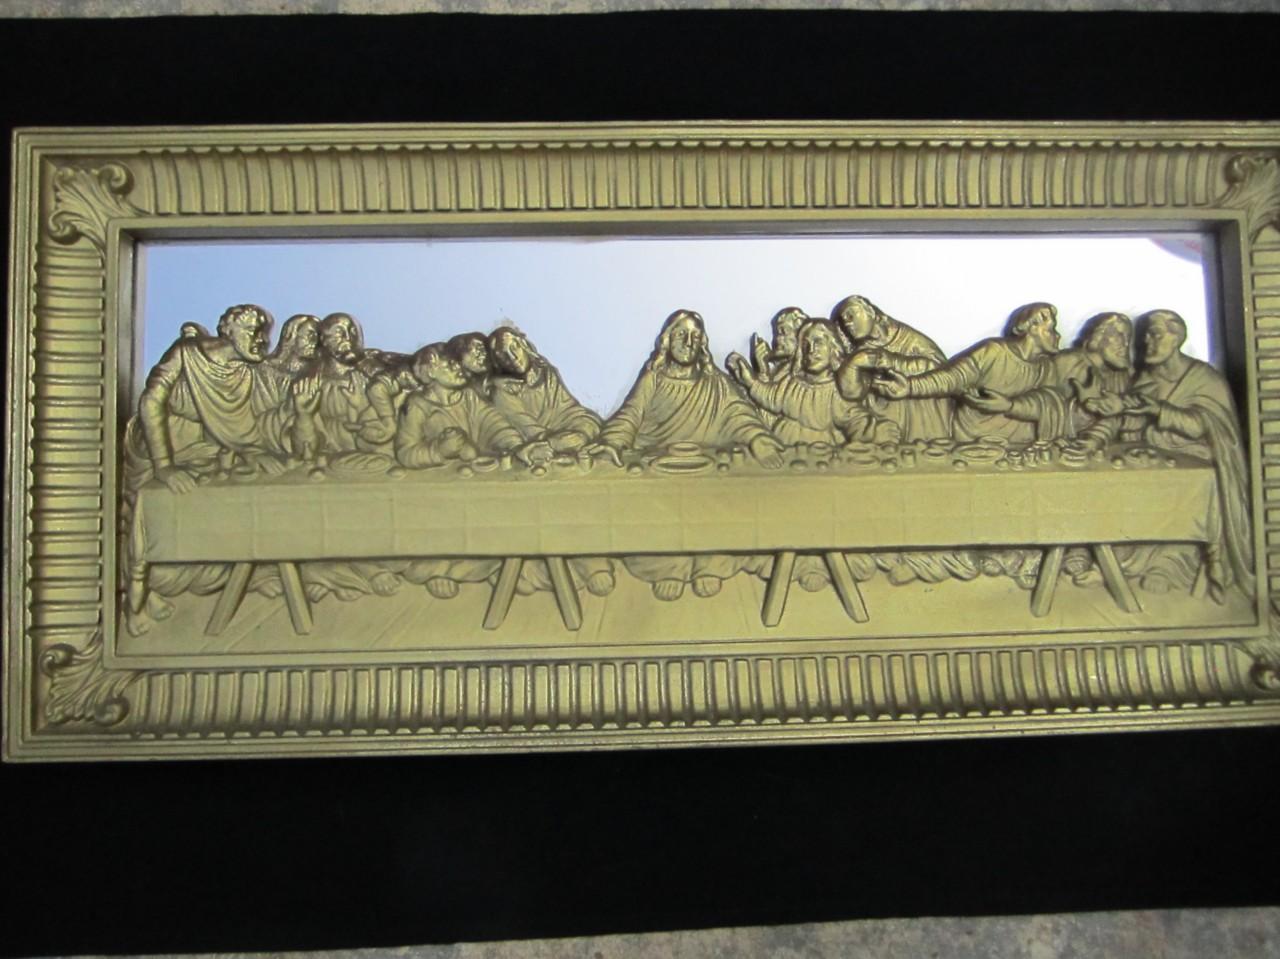 3d vintage ornate plastic gold last supper framed mirror. Black Bedroom Furniture Sets. Home Design Ideas